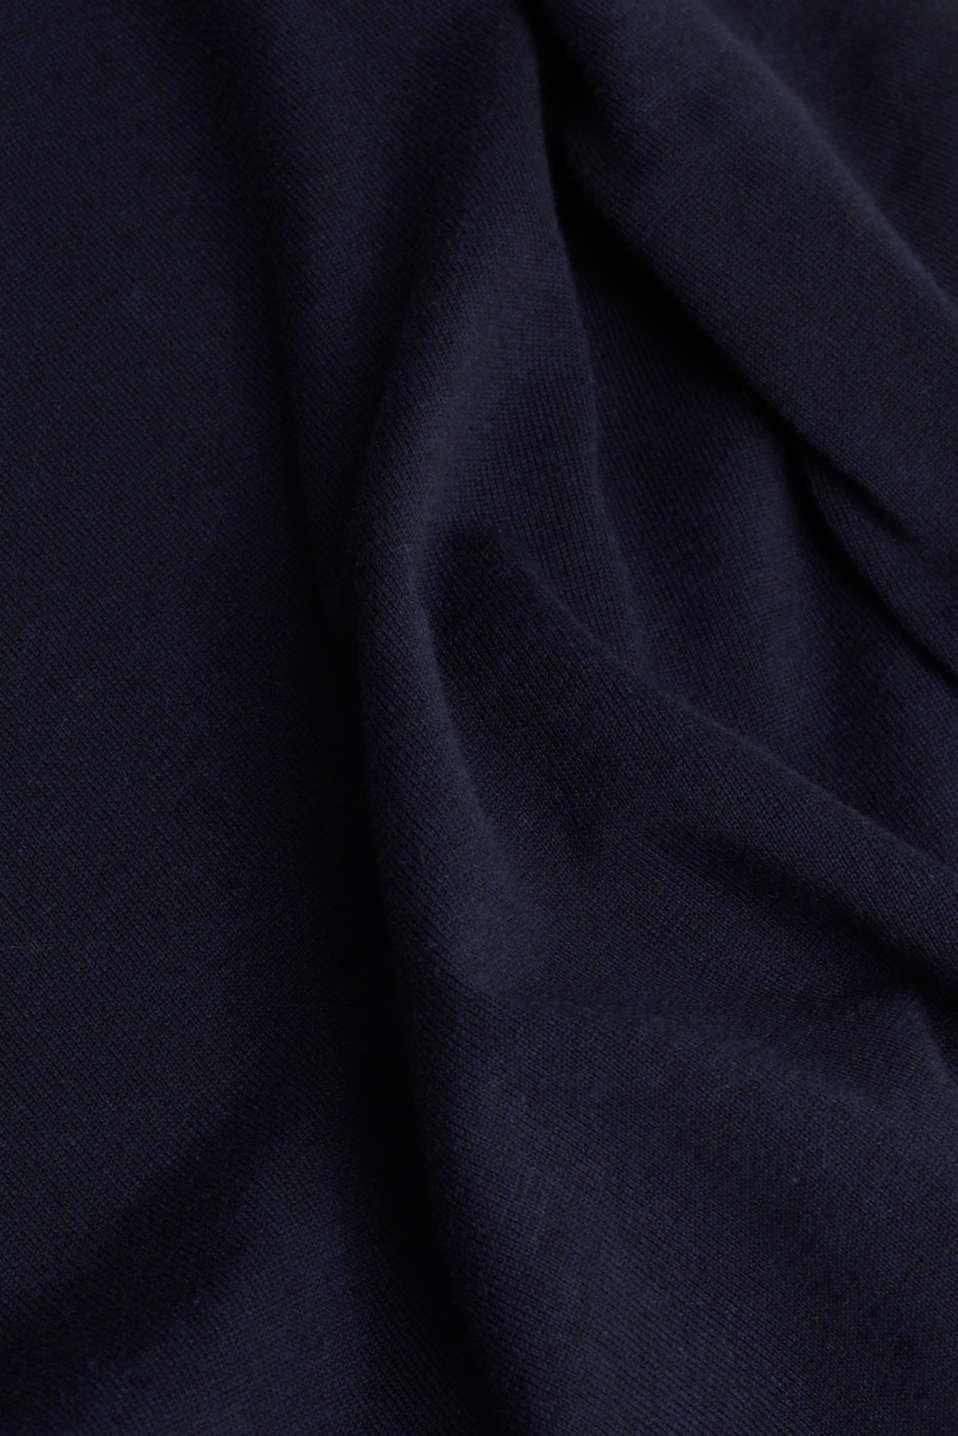 Fine knit cotton jumper, NAVY, detail image number 4